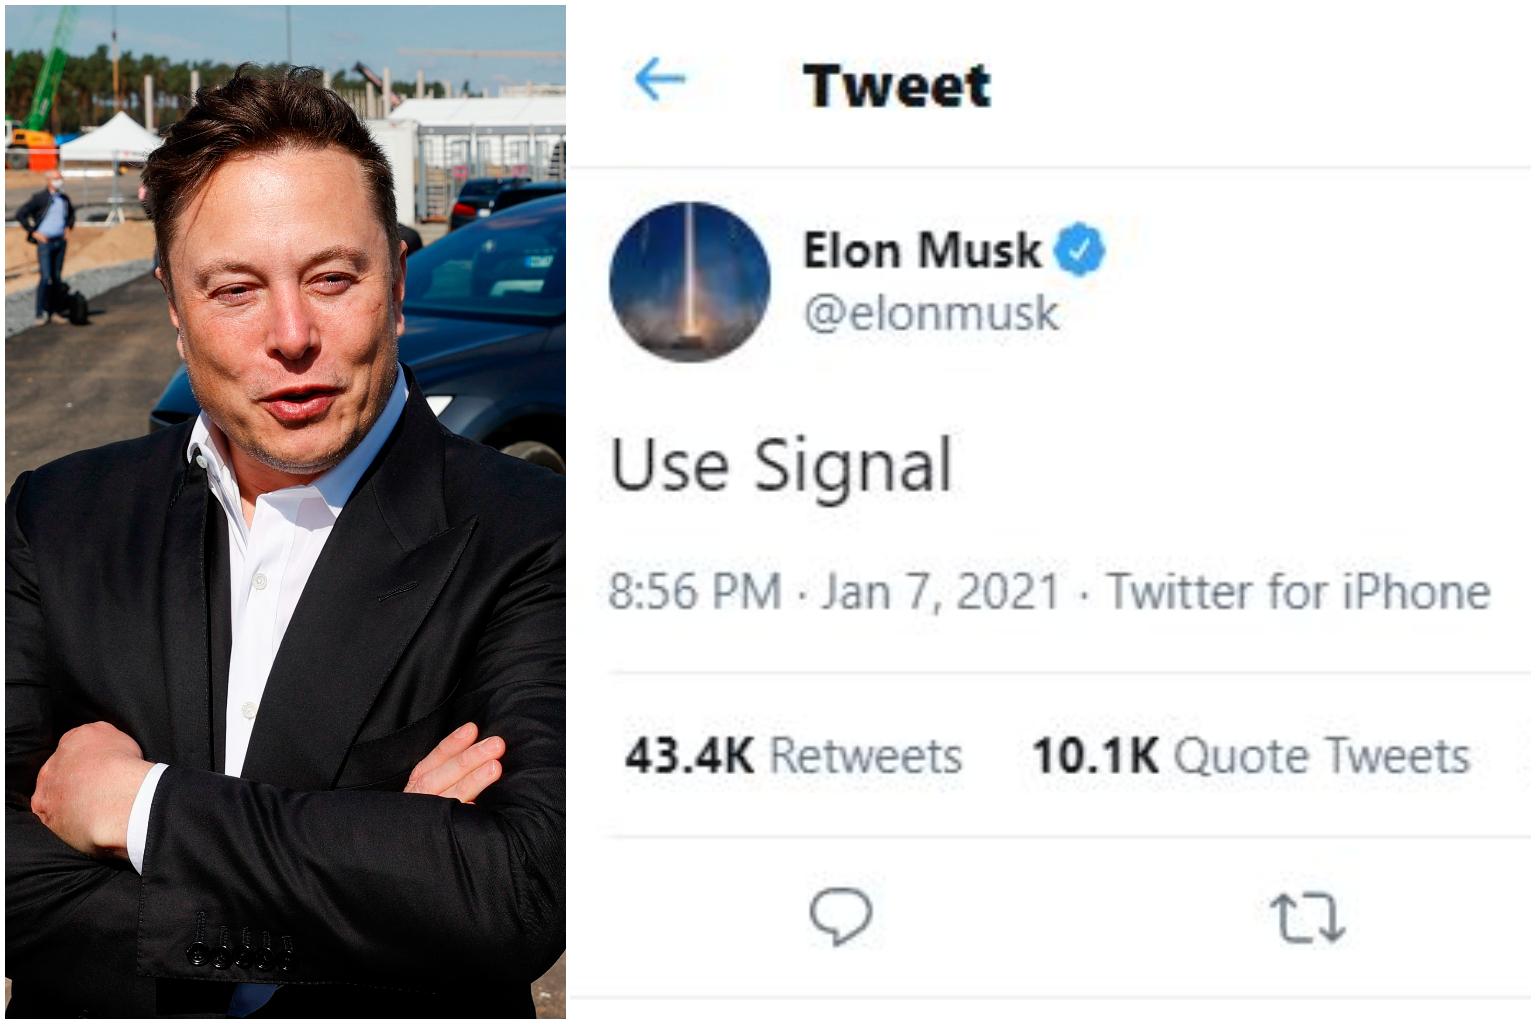 use signal twitter elon musk